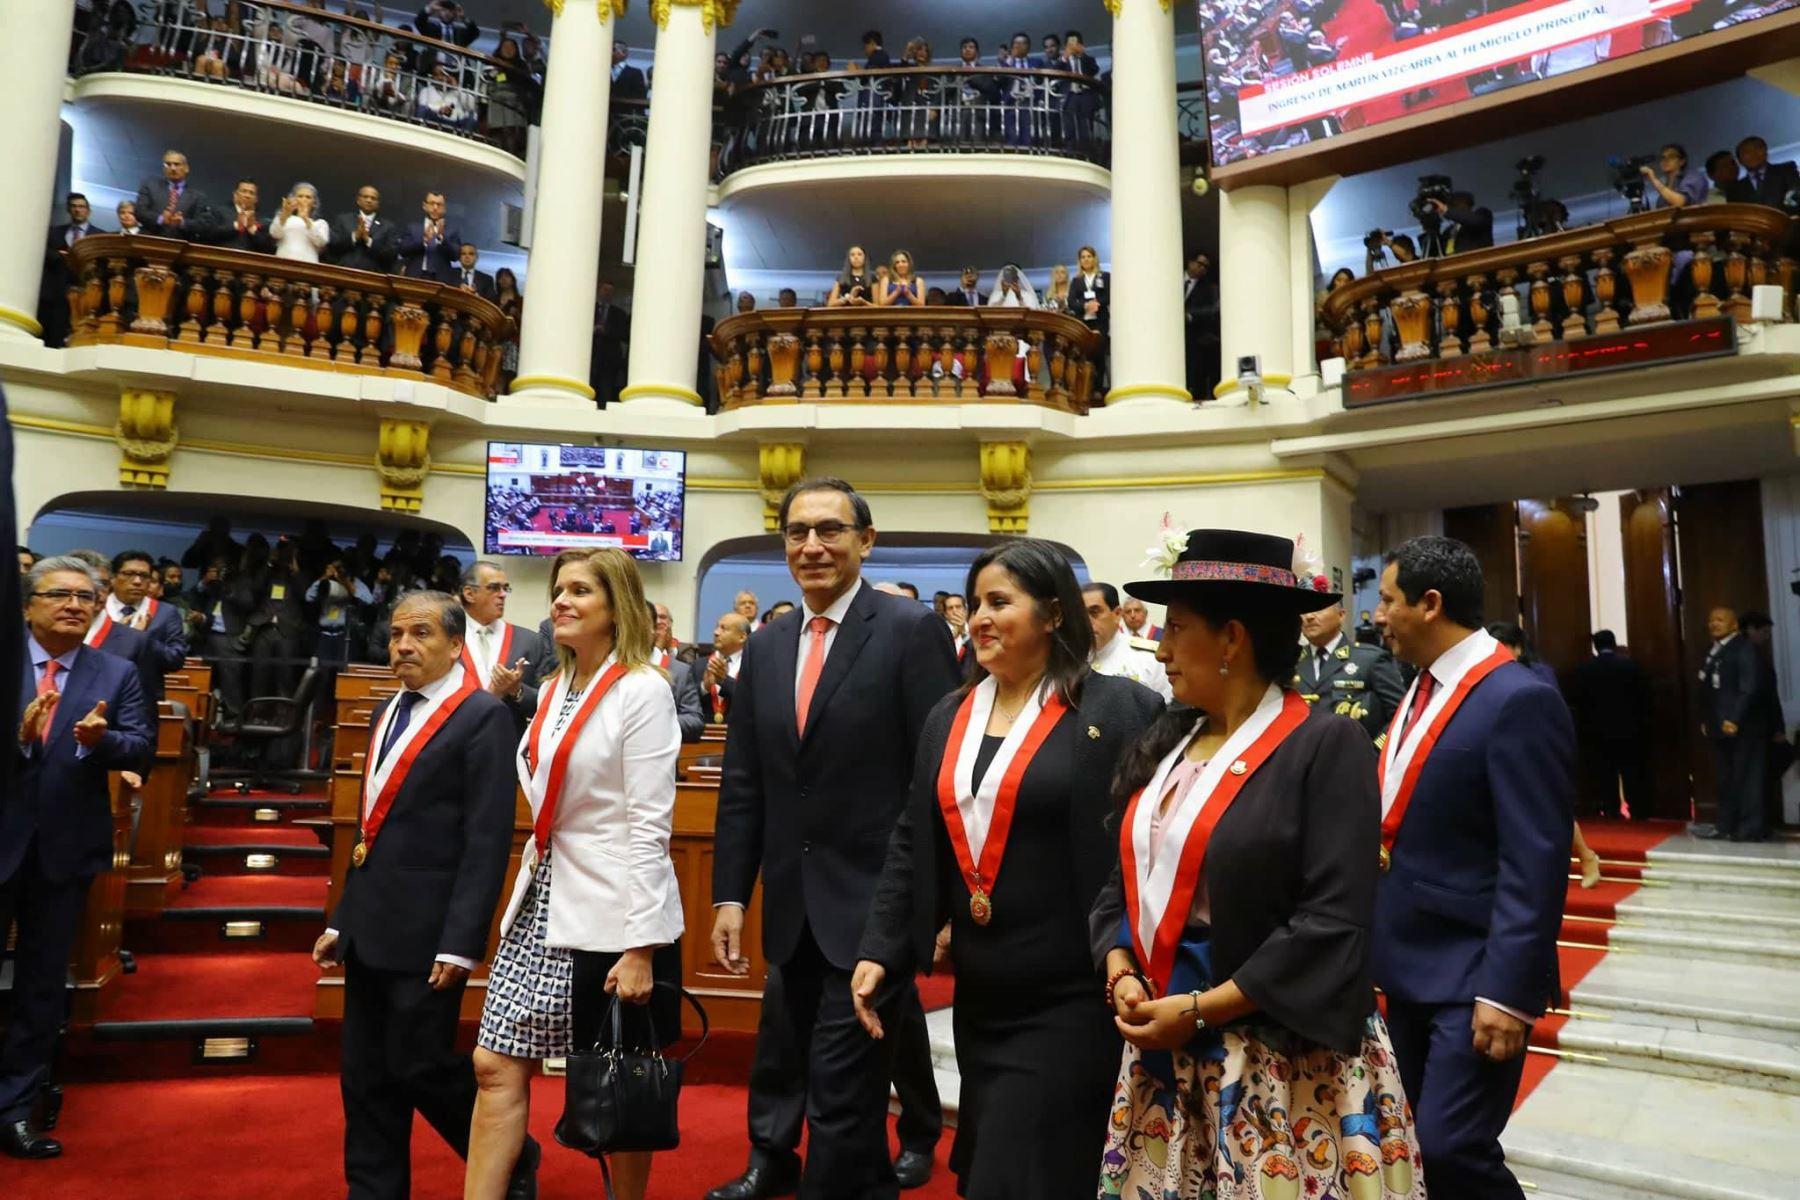 El Congreso peruano aceptó la renuncia de Kuczynski y asume el Vice